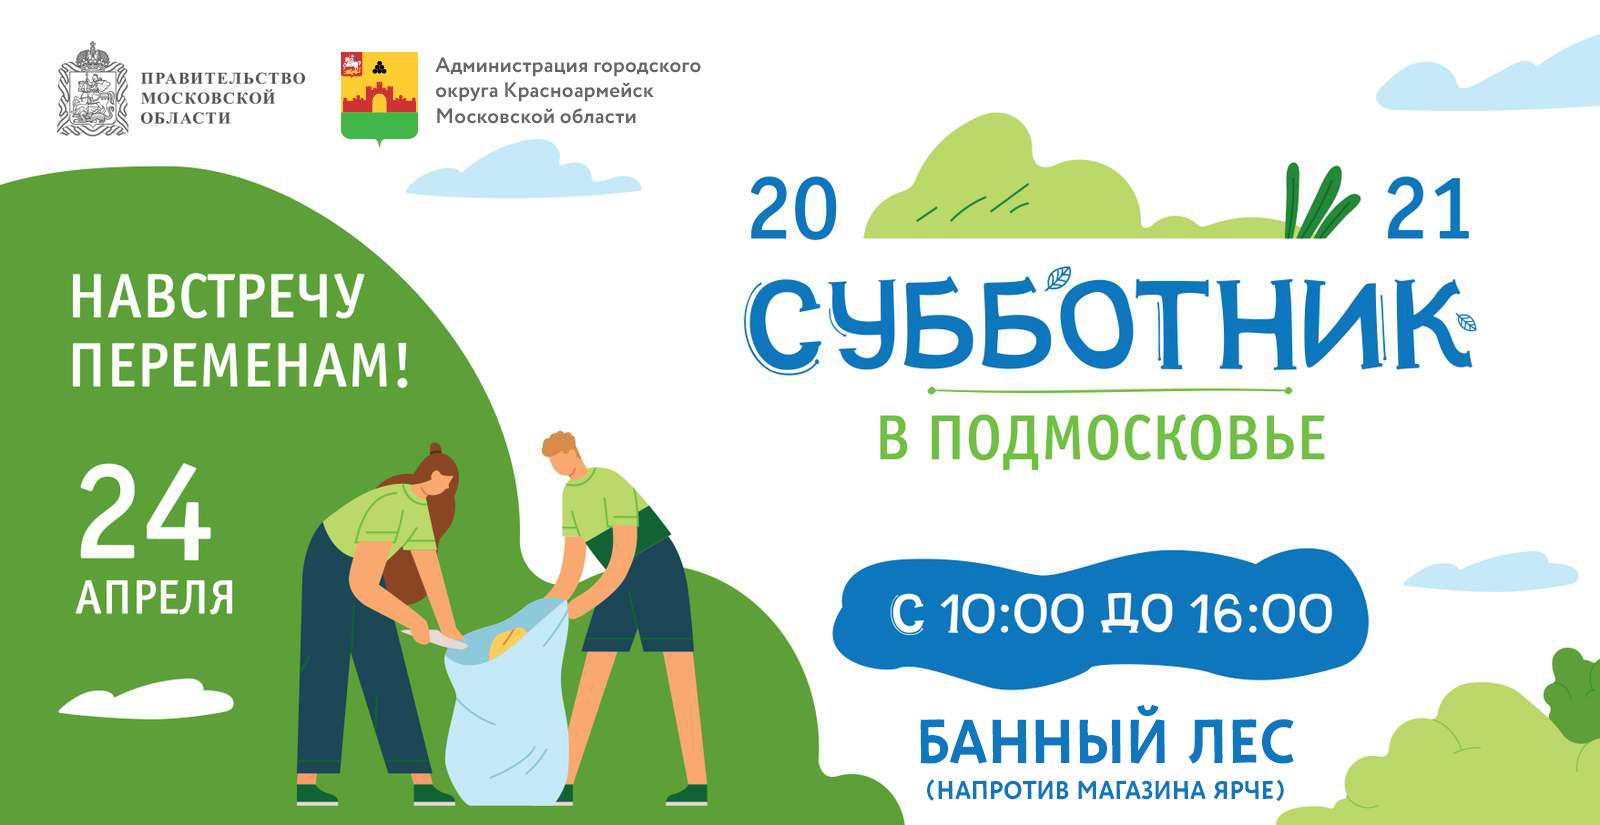 Приглашаем жителей Красноармейска принять участие в общеобластном субботнике!